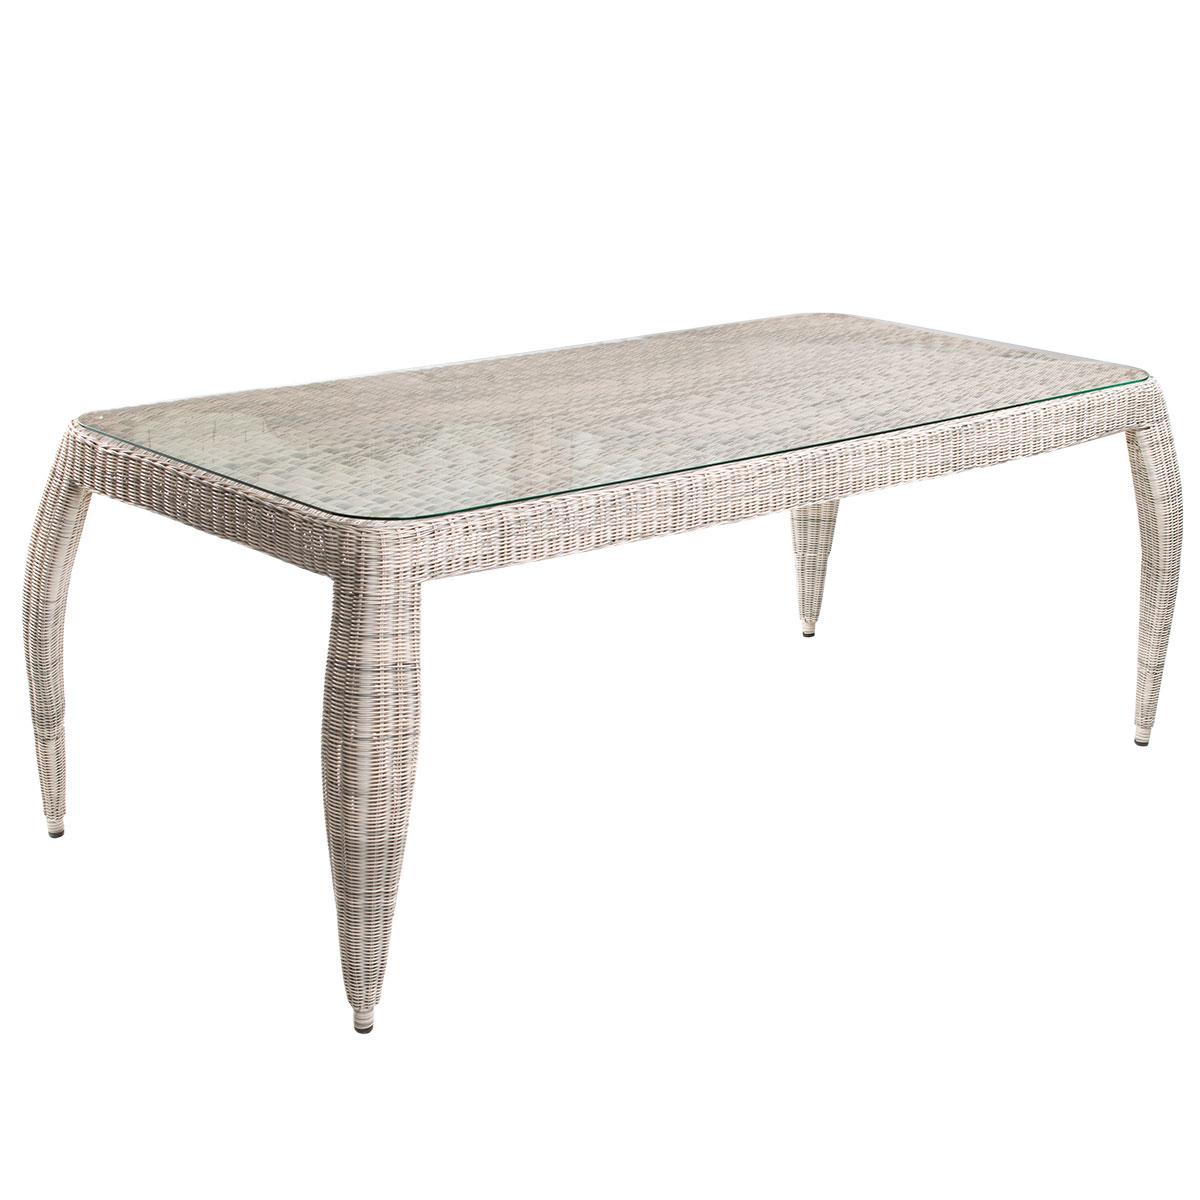 Стол HagaСтолы и столики для сада<br>Стол Haga изготовлен из искусственного ротанга на алюминиевом каркасе. Дизайн изящный и необычный. Не требуется сборка. Коллекция мебели Haga<br><br>Material: Искусственный ротанг<br>Ширина см: 200<br>Высота см: 75<br>Глубина см: 100